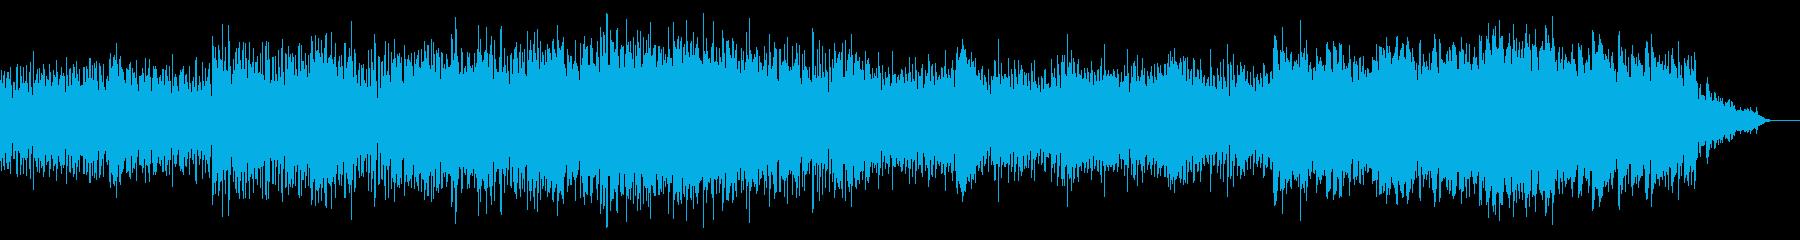 サイバーでアップテンポに迫るBGMの再生済みの波形